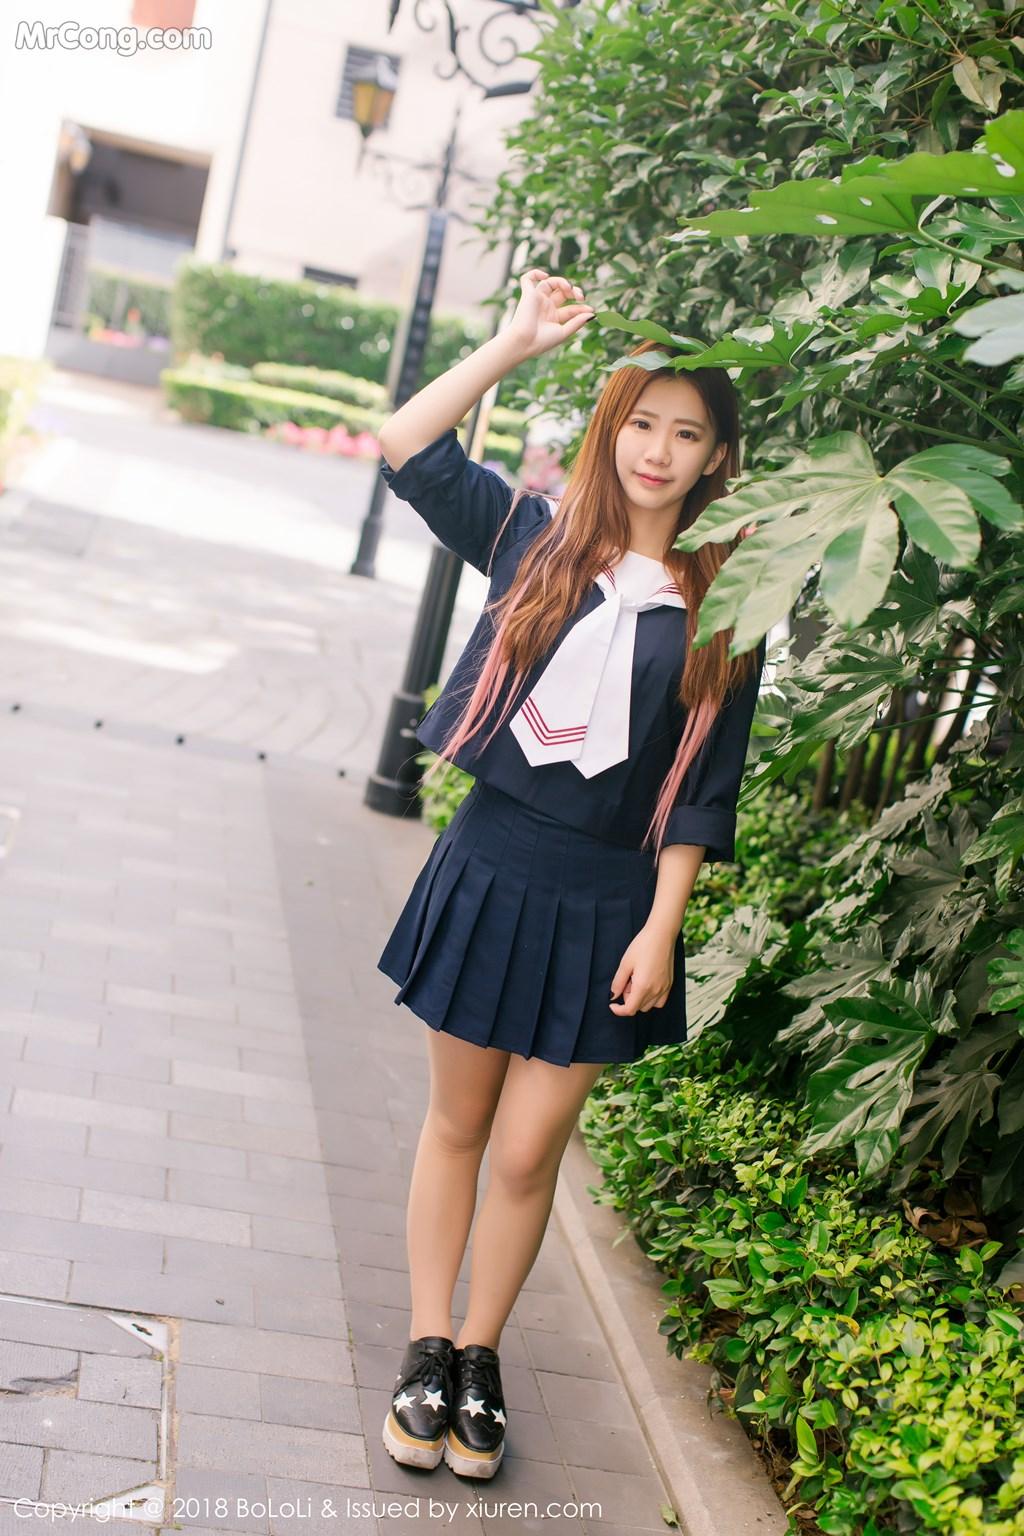 Image Tukmo-Vol.107-Dong-Chen-Li-MrCong.com-003 in post Tukmo Vol.107: Người mẫu Dong Chen Li (董成丽) (43 ảnh)